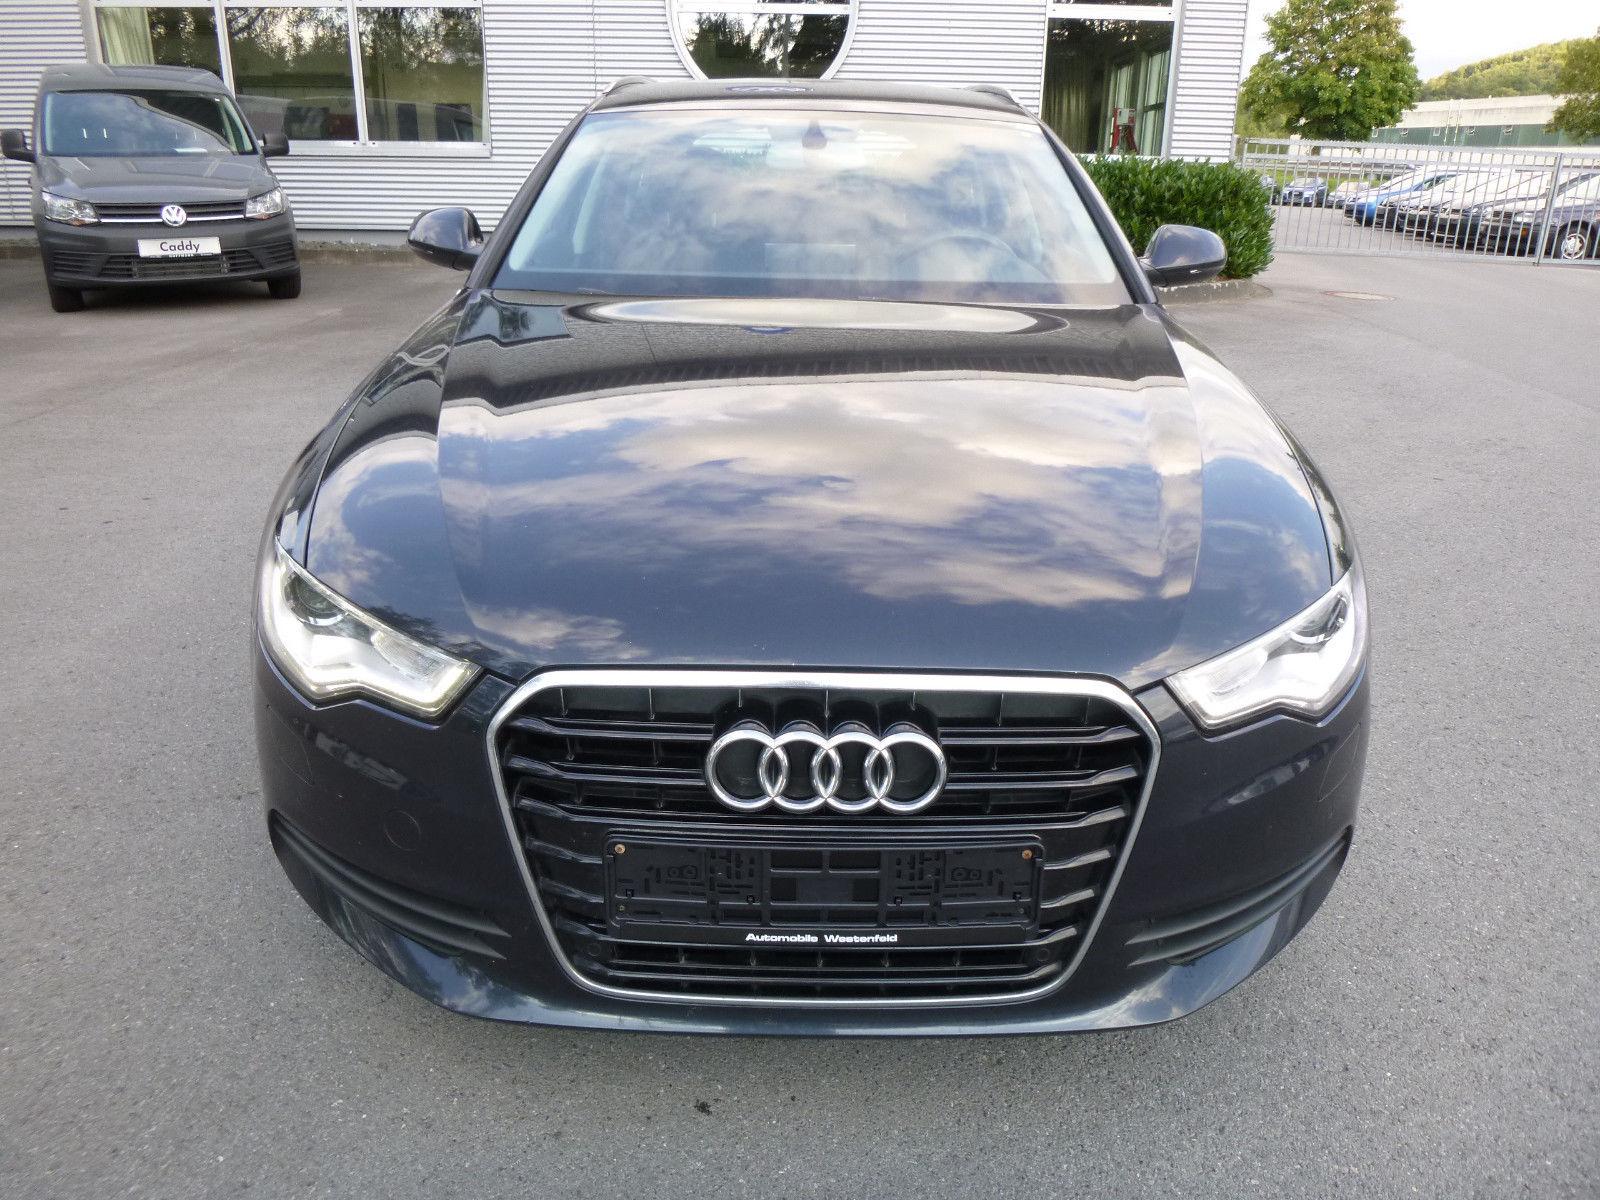 Покупка на кола от Германия -Ауди А6 2013-та, 2.0 TDI, 177 к.с.; 09.09.2017 Галерия (1)